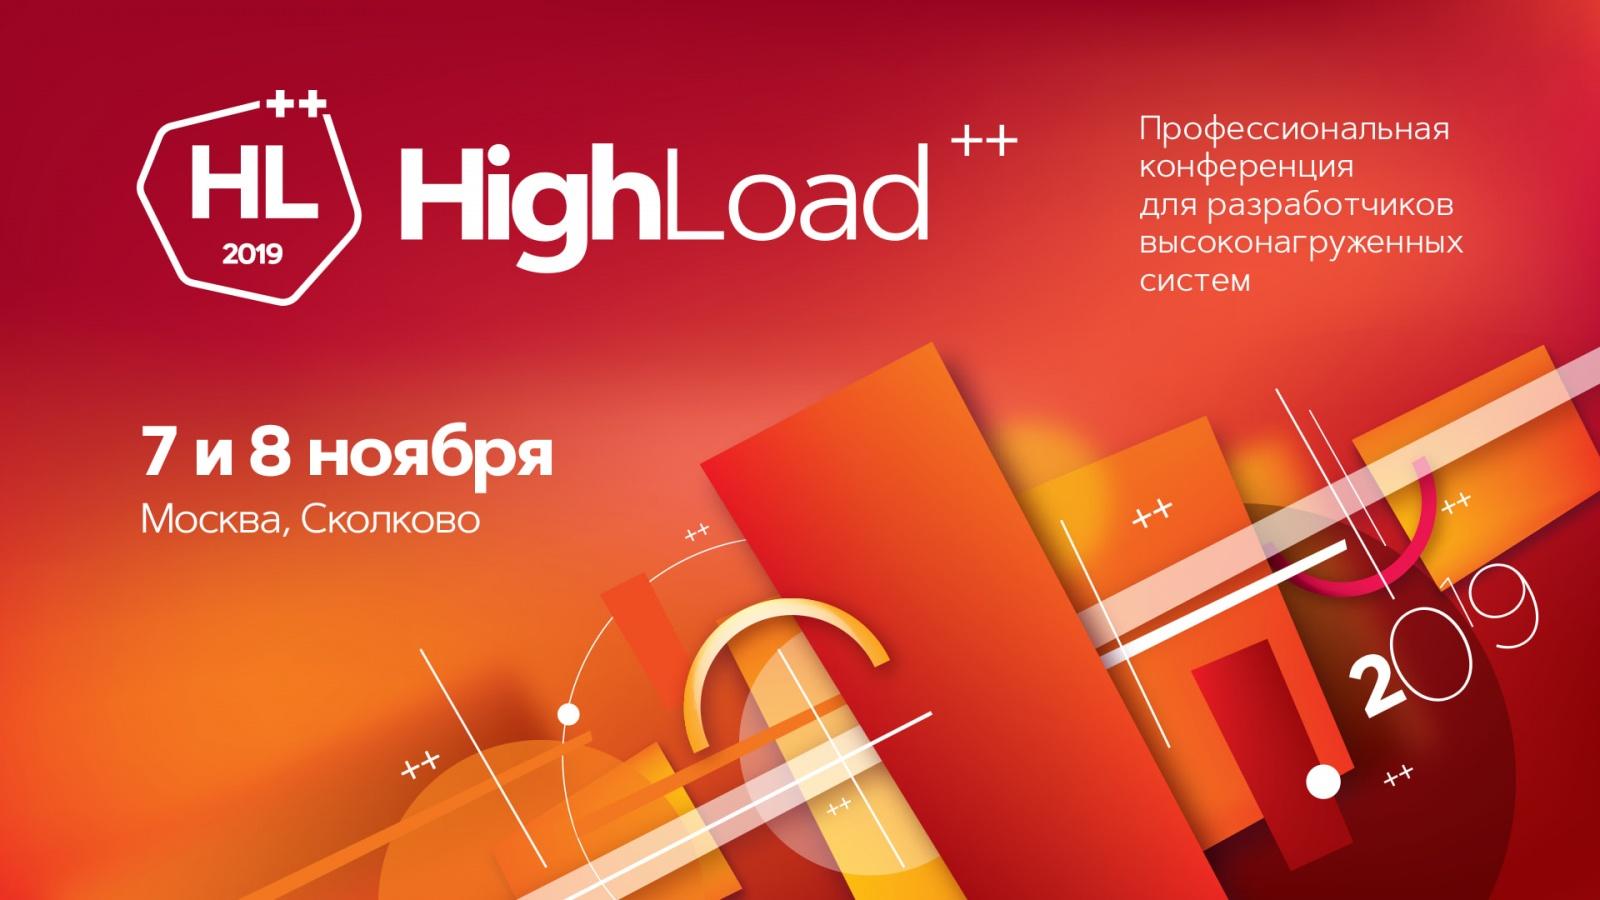 Спасти программиста Вову: как прошла HighLoad++ для стенда ivi - 1